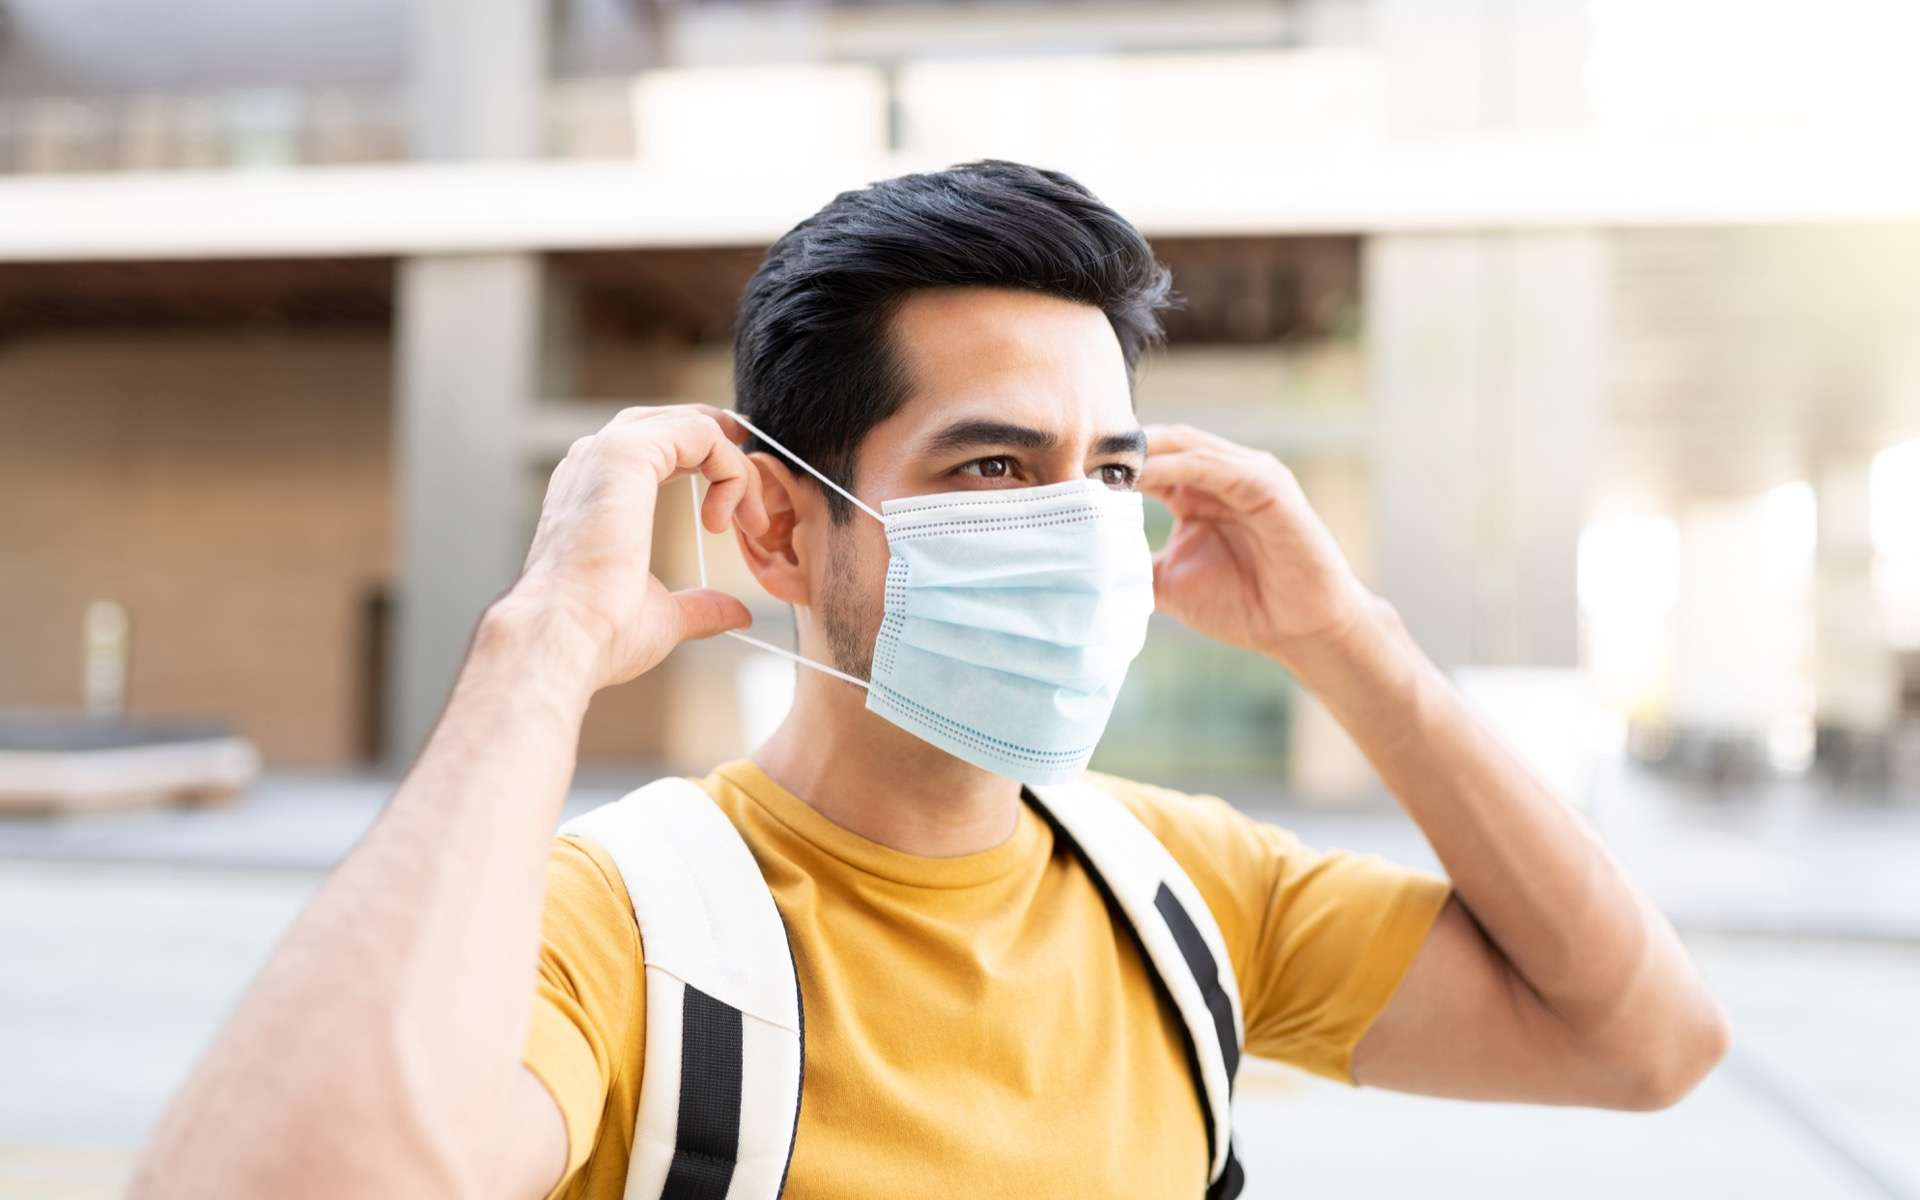 Le port du masque en condition venteuse à l'extérieur peut protéger contre le coronavirus. © AntonioDiaz, Adobe Stock